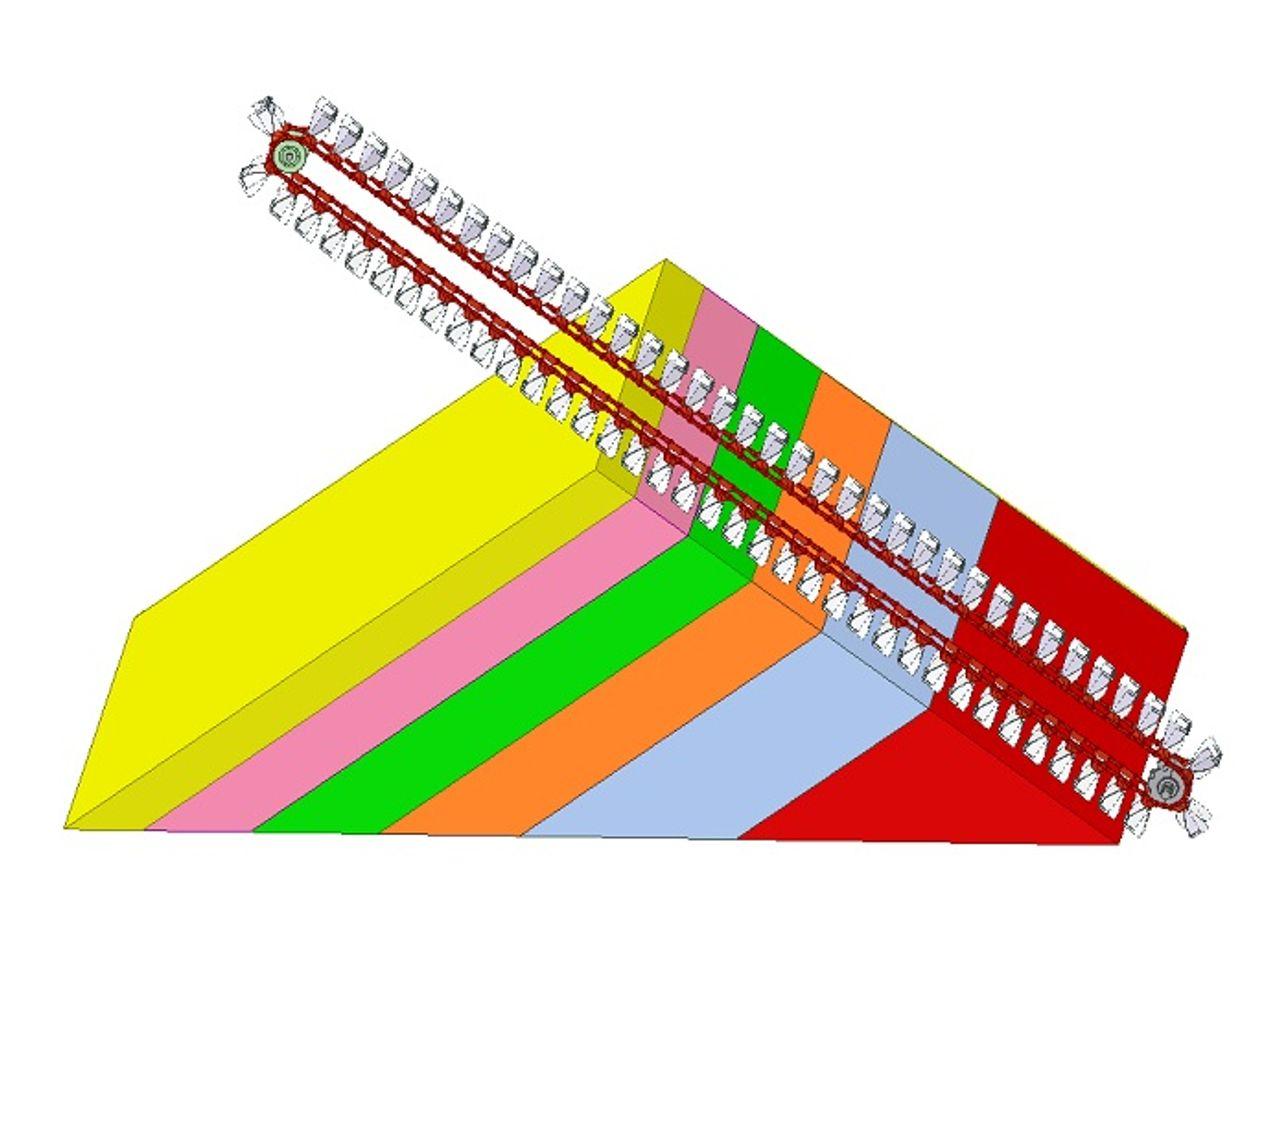 Strata stacking